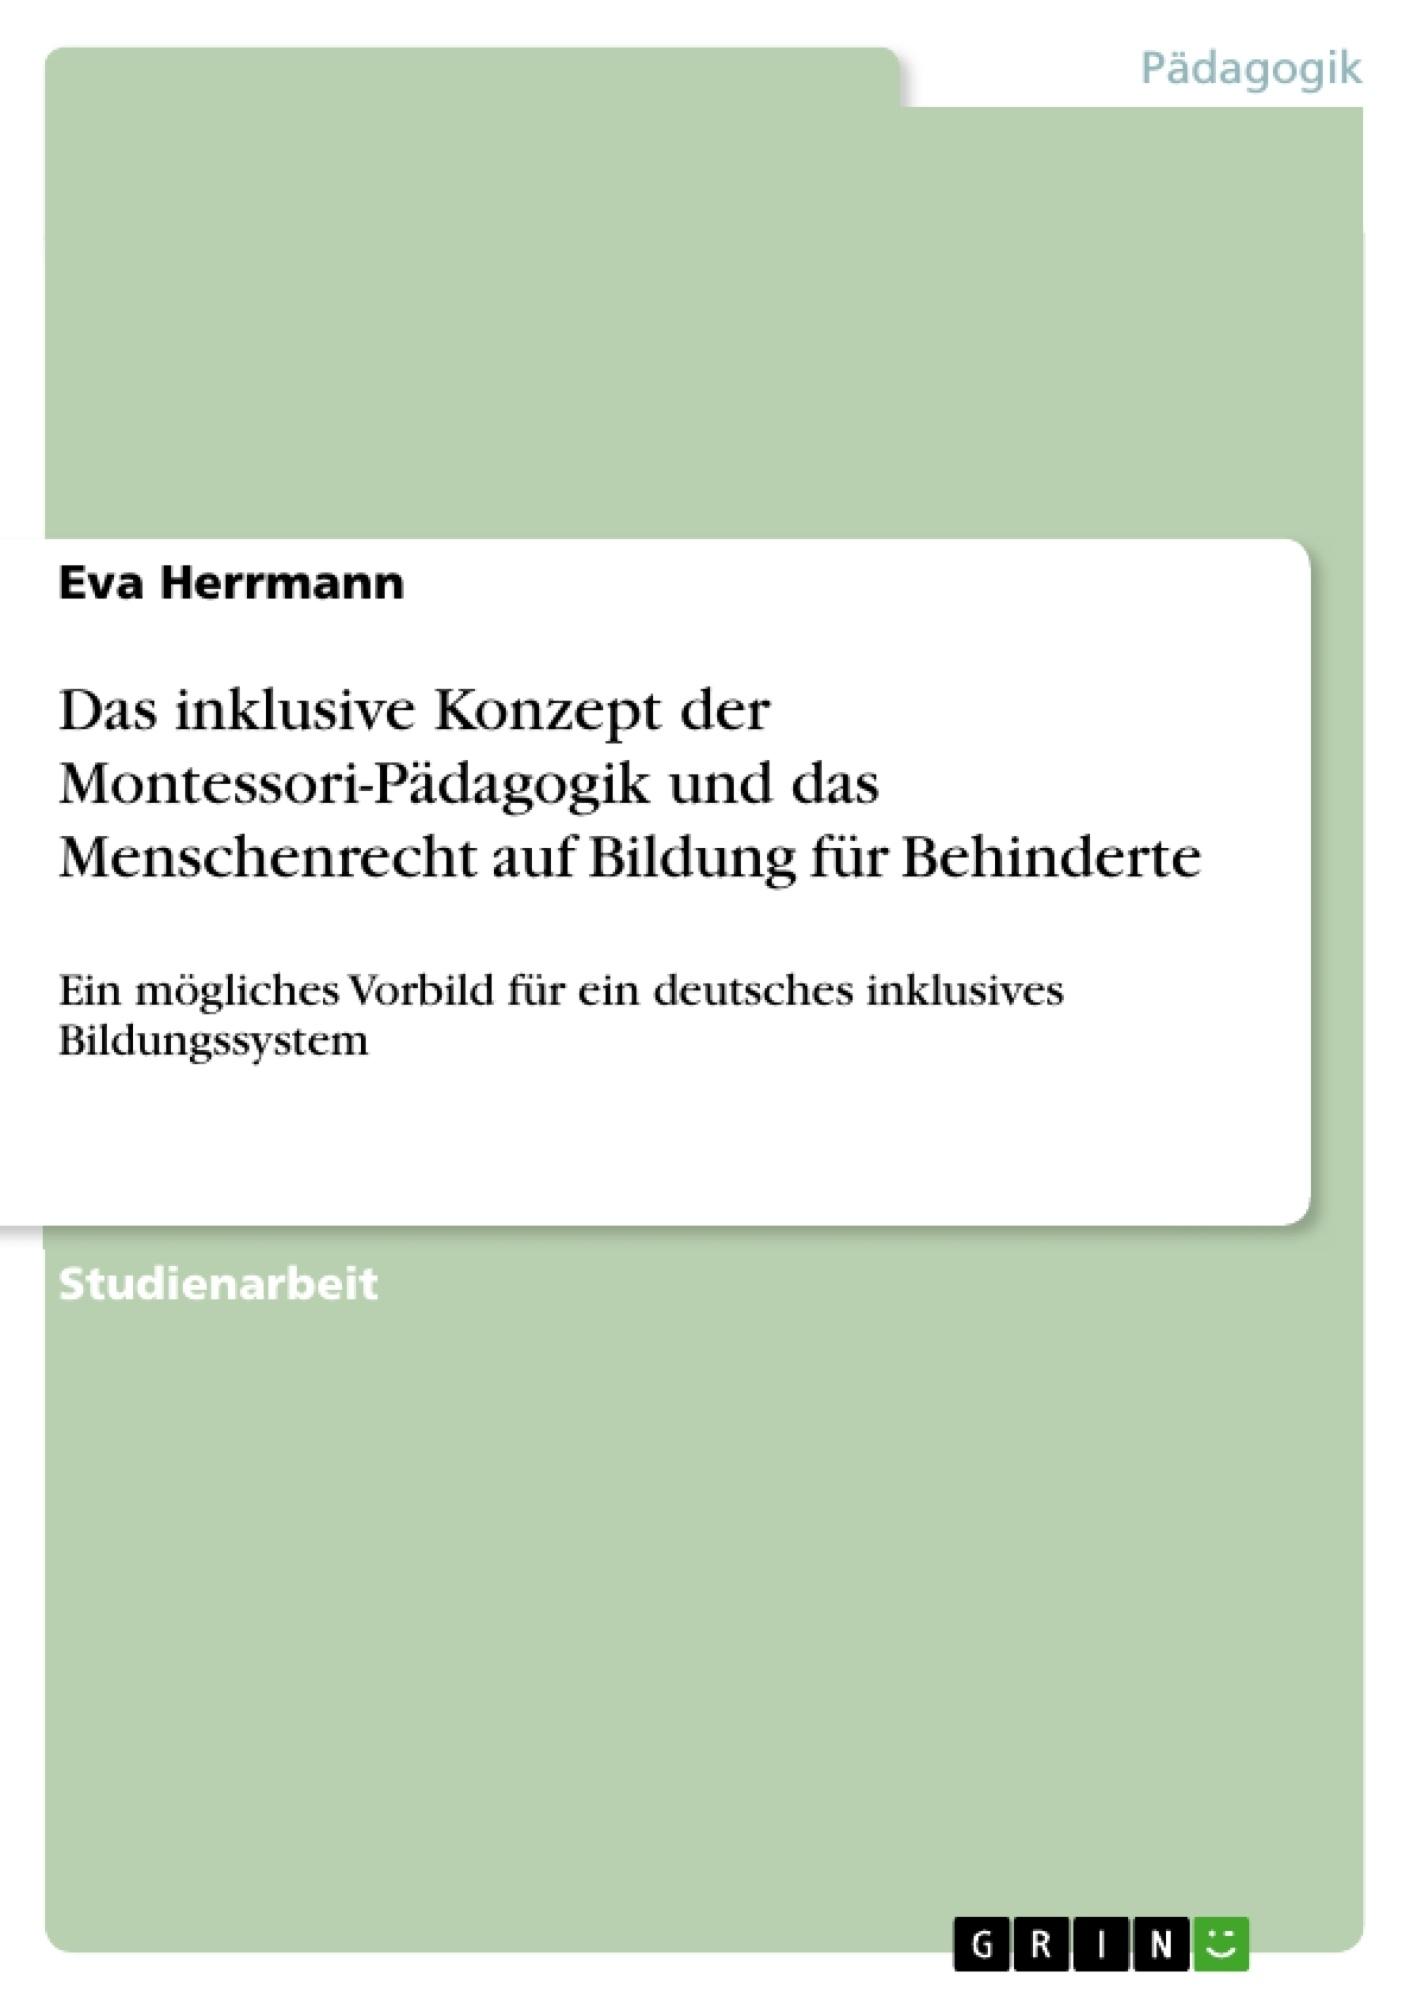 Titel: Das inklusive Konzept der Montessori-Pädagogik und das Menschenrecht auf Bildung für Behinderte